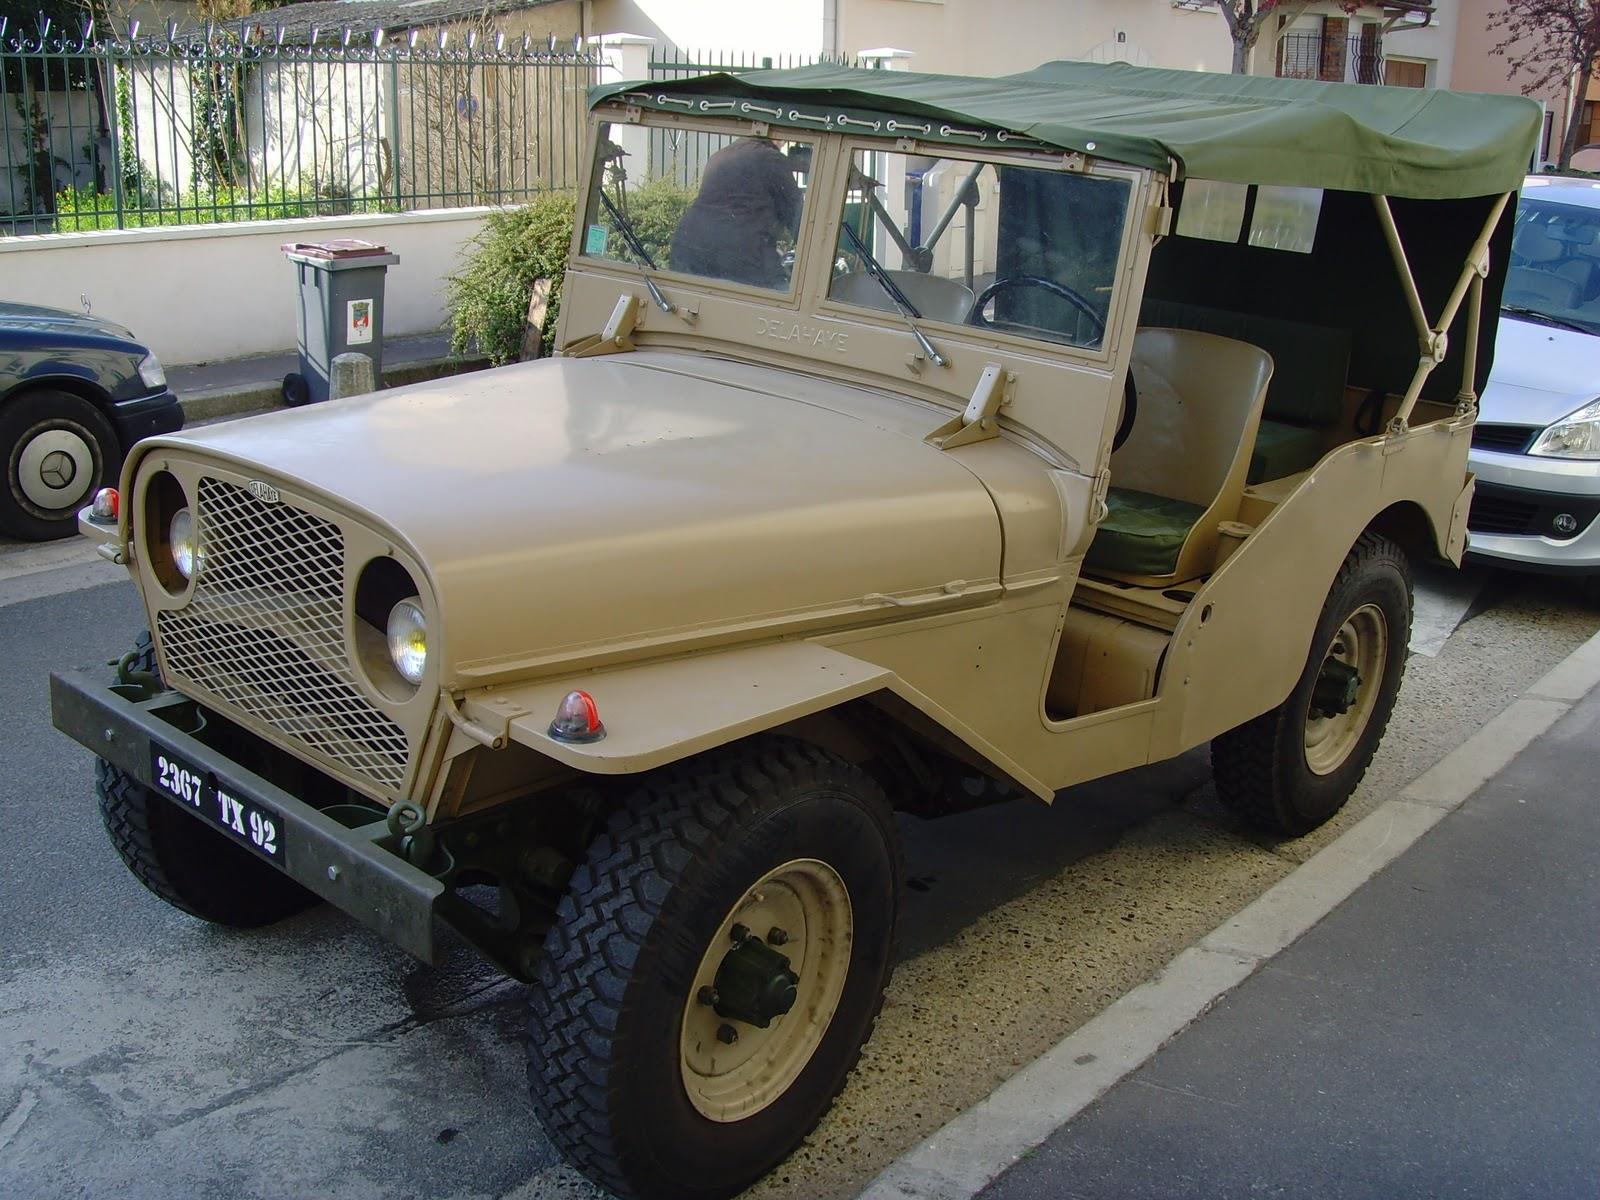 souvenez vous 44 jeep delahaye a vendre aux encheres a drouot paris 75009 10 decembre 2011. Black Bedroom Furniture Sets. Home Design Ideas